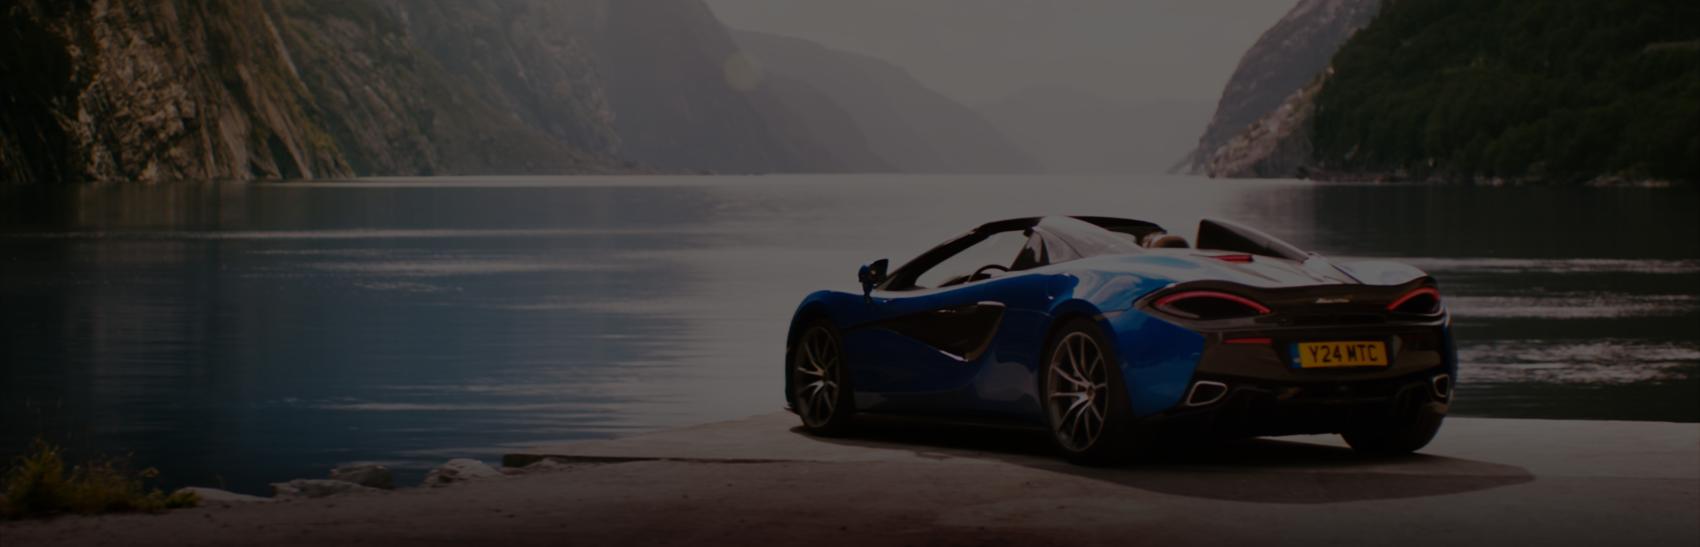 color_img_slide_McLaren